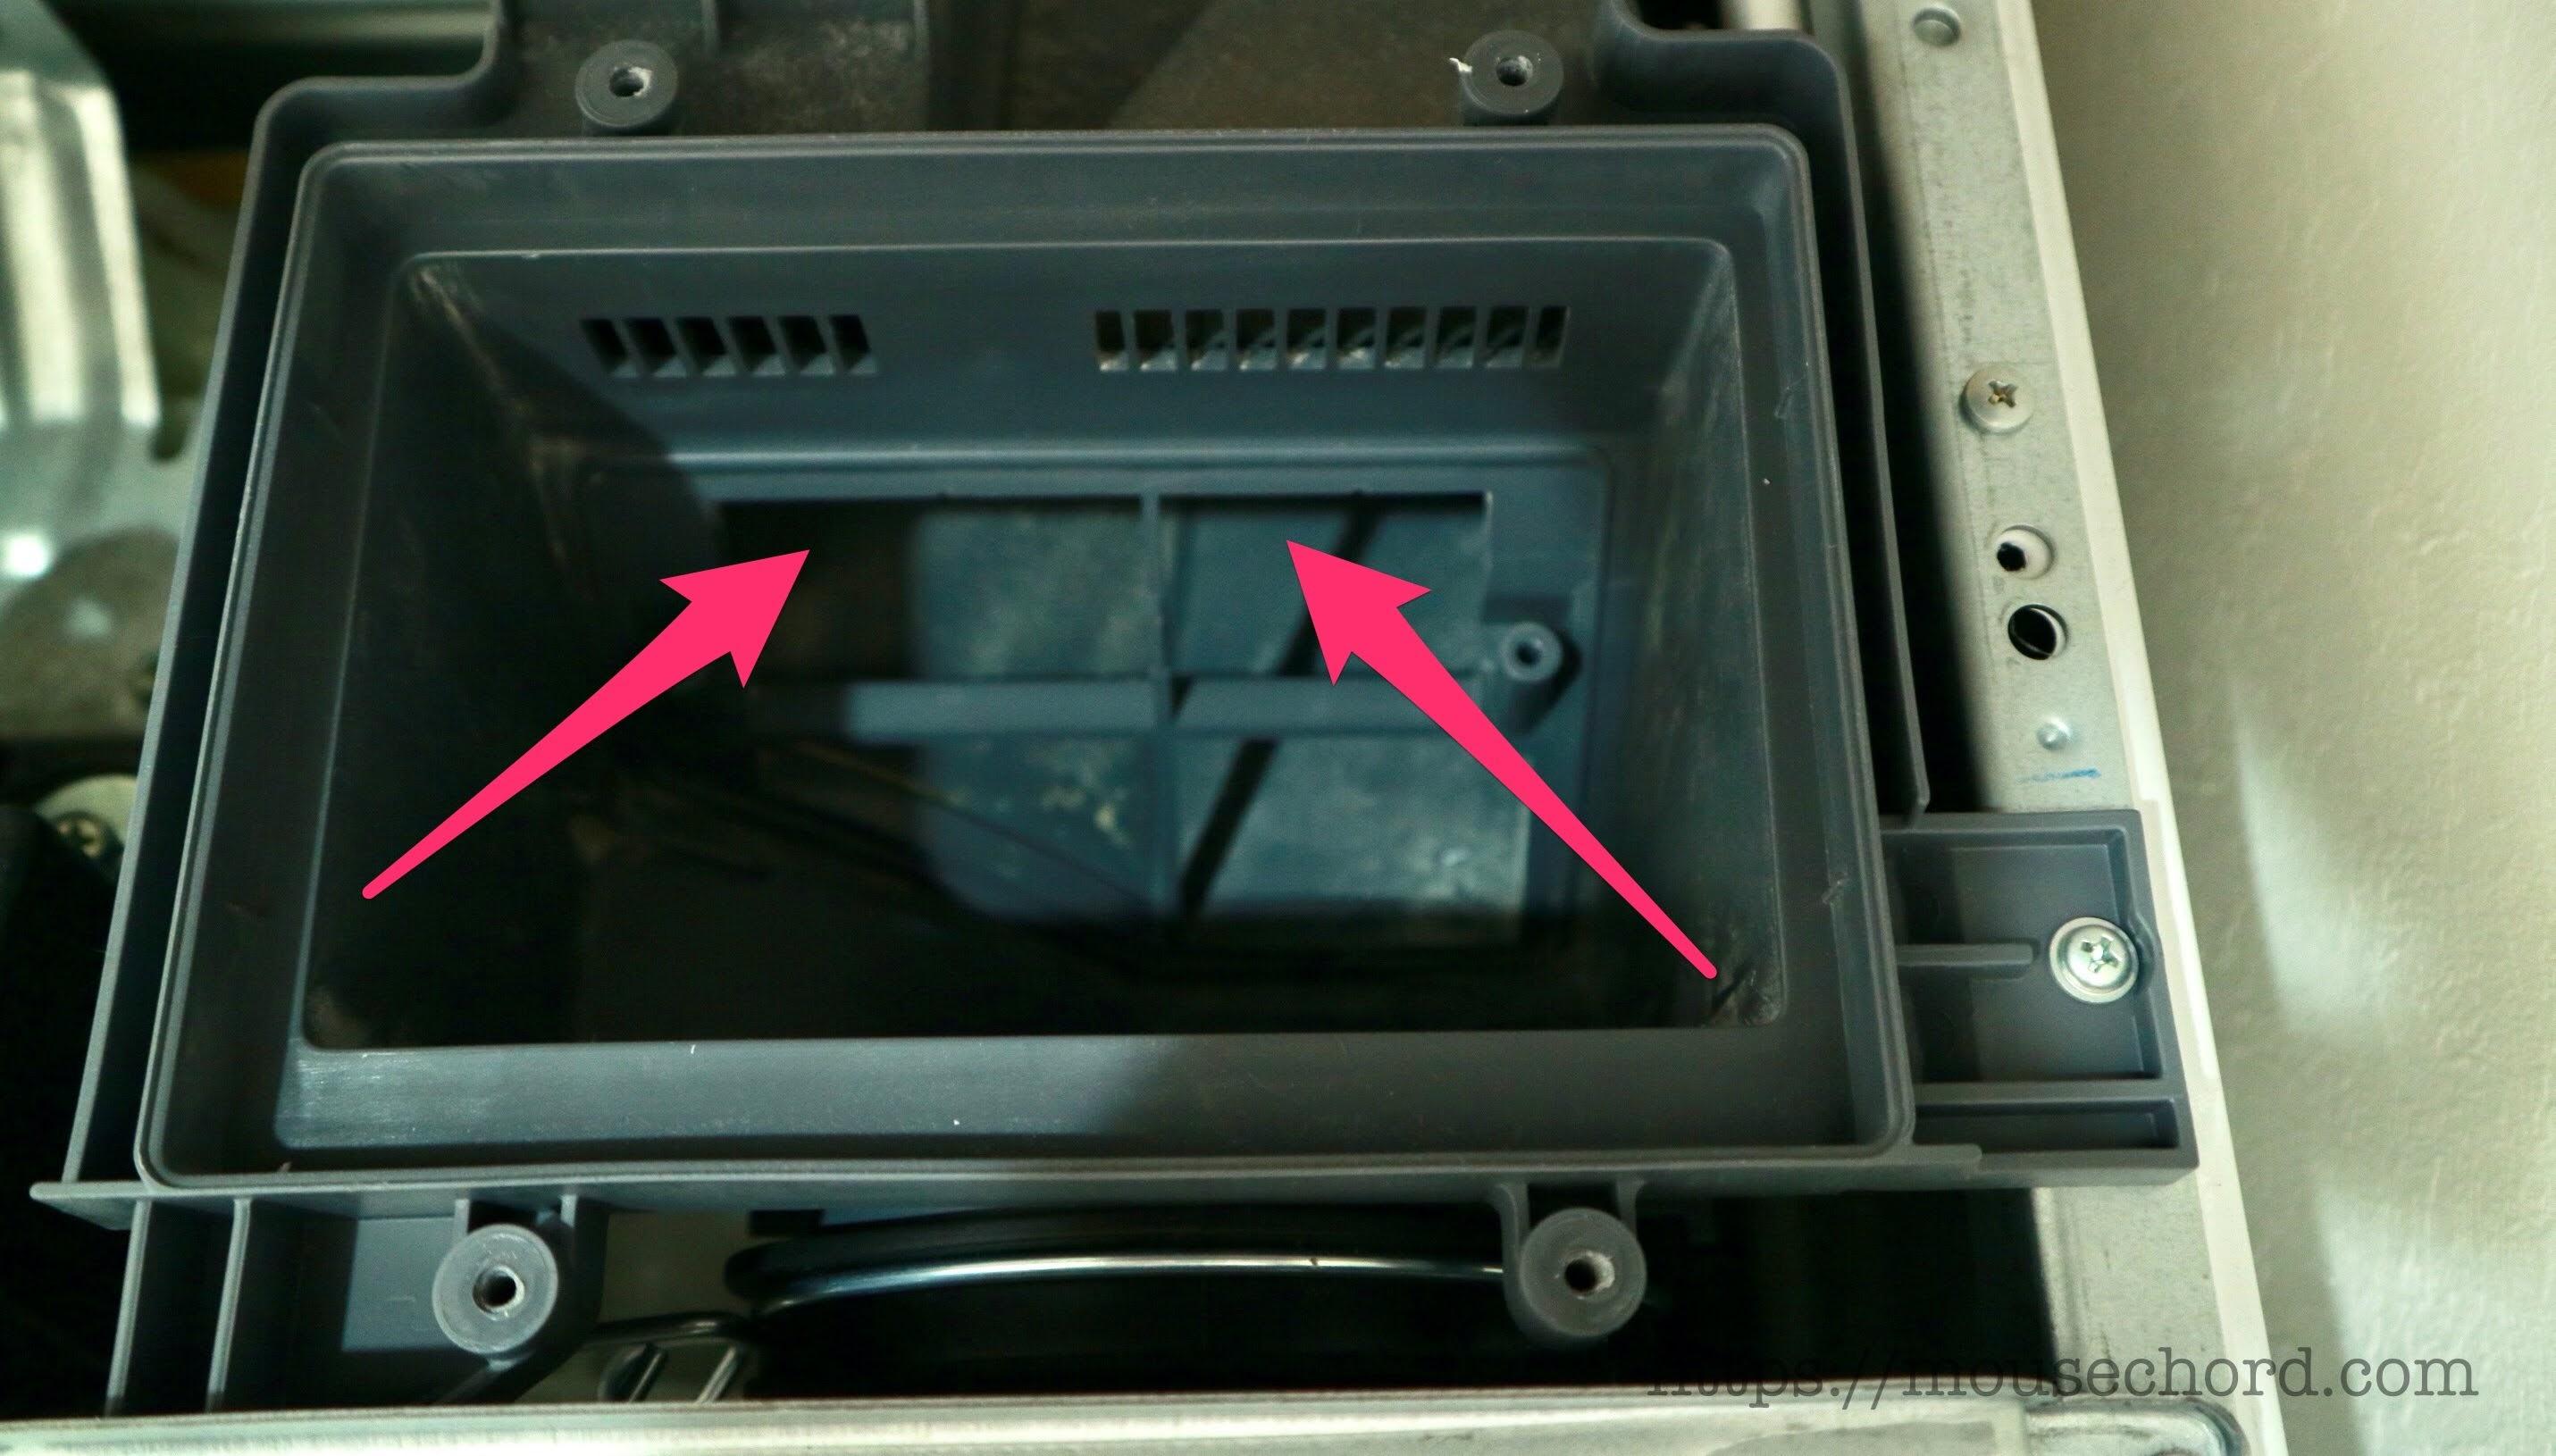 パナソニック製ドラム式洗濯機エラーコードU40不具合対応